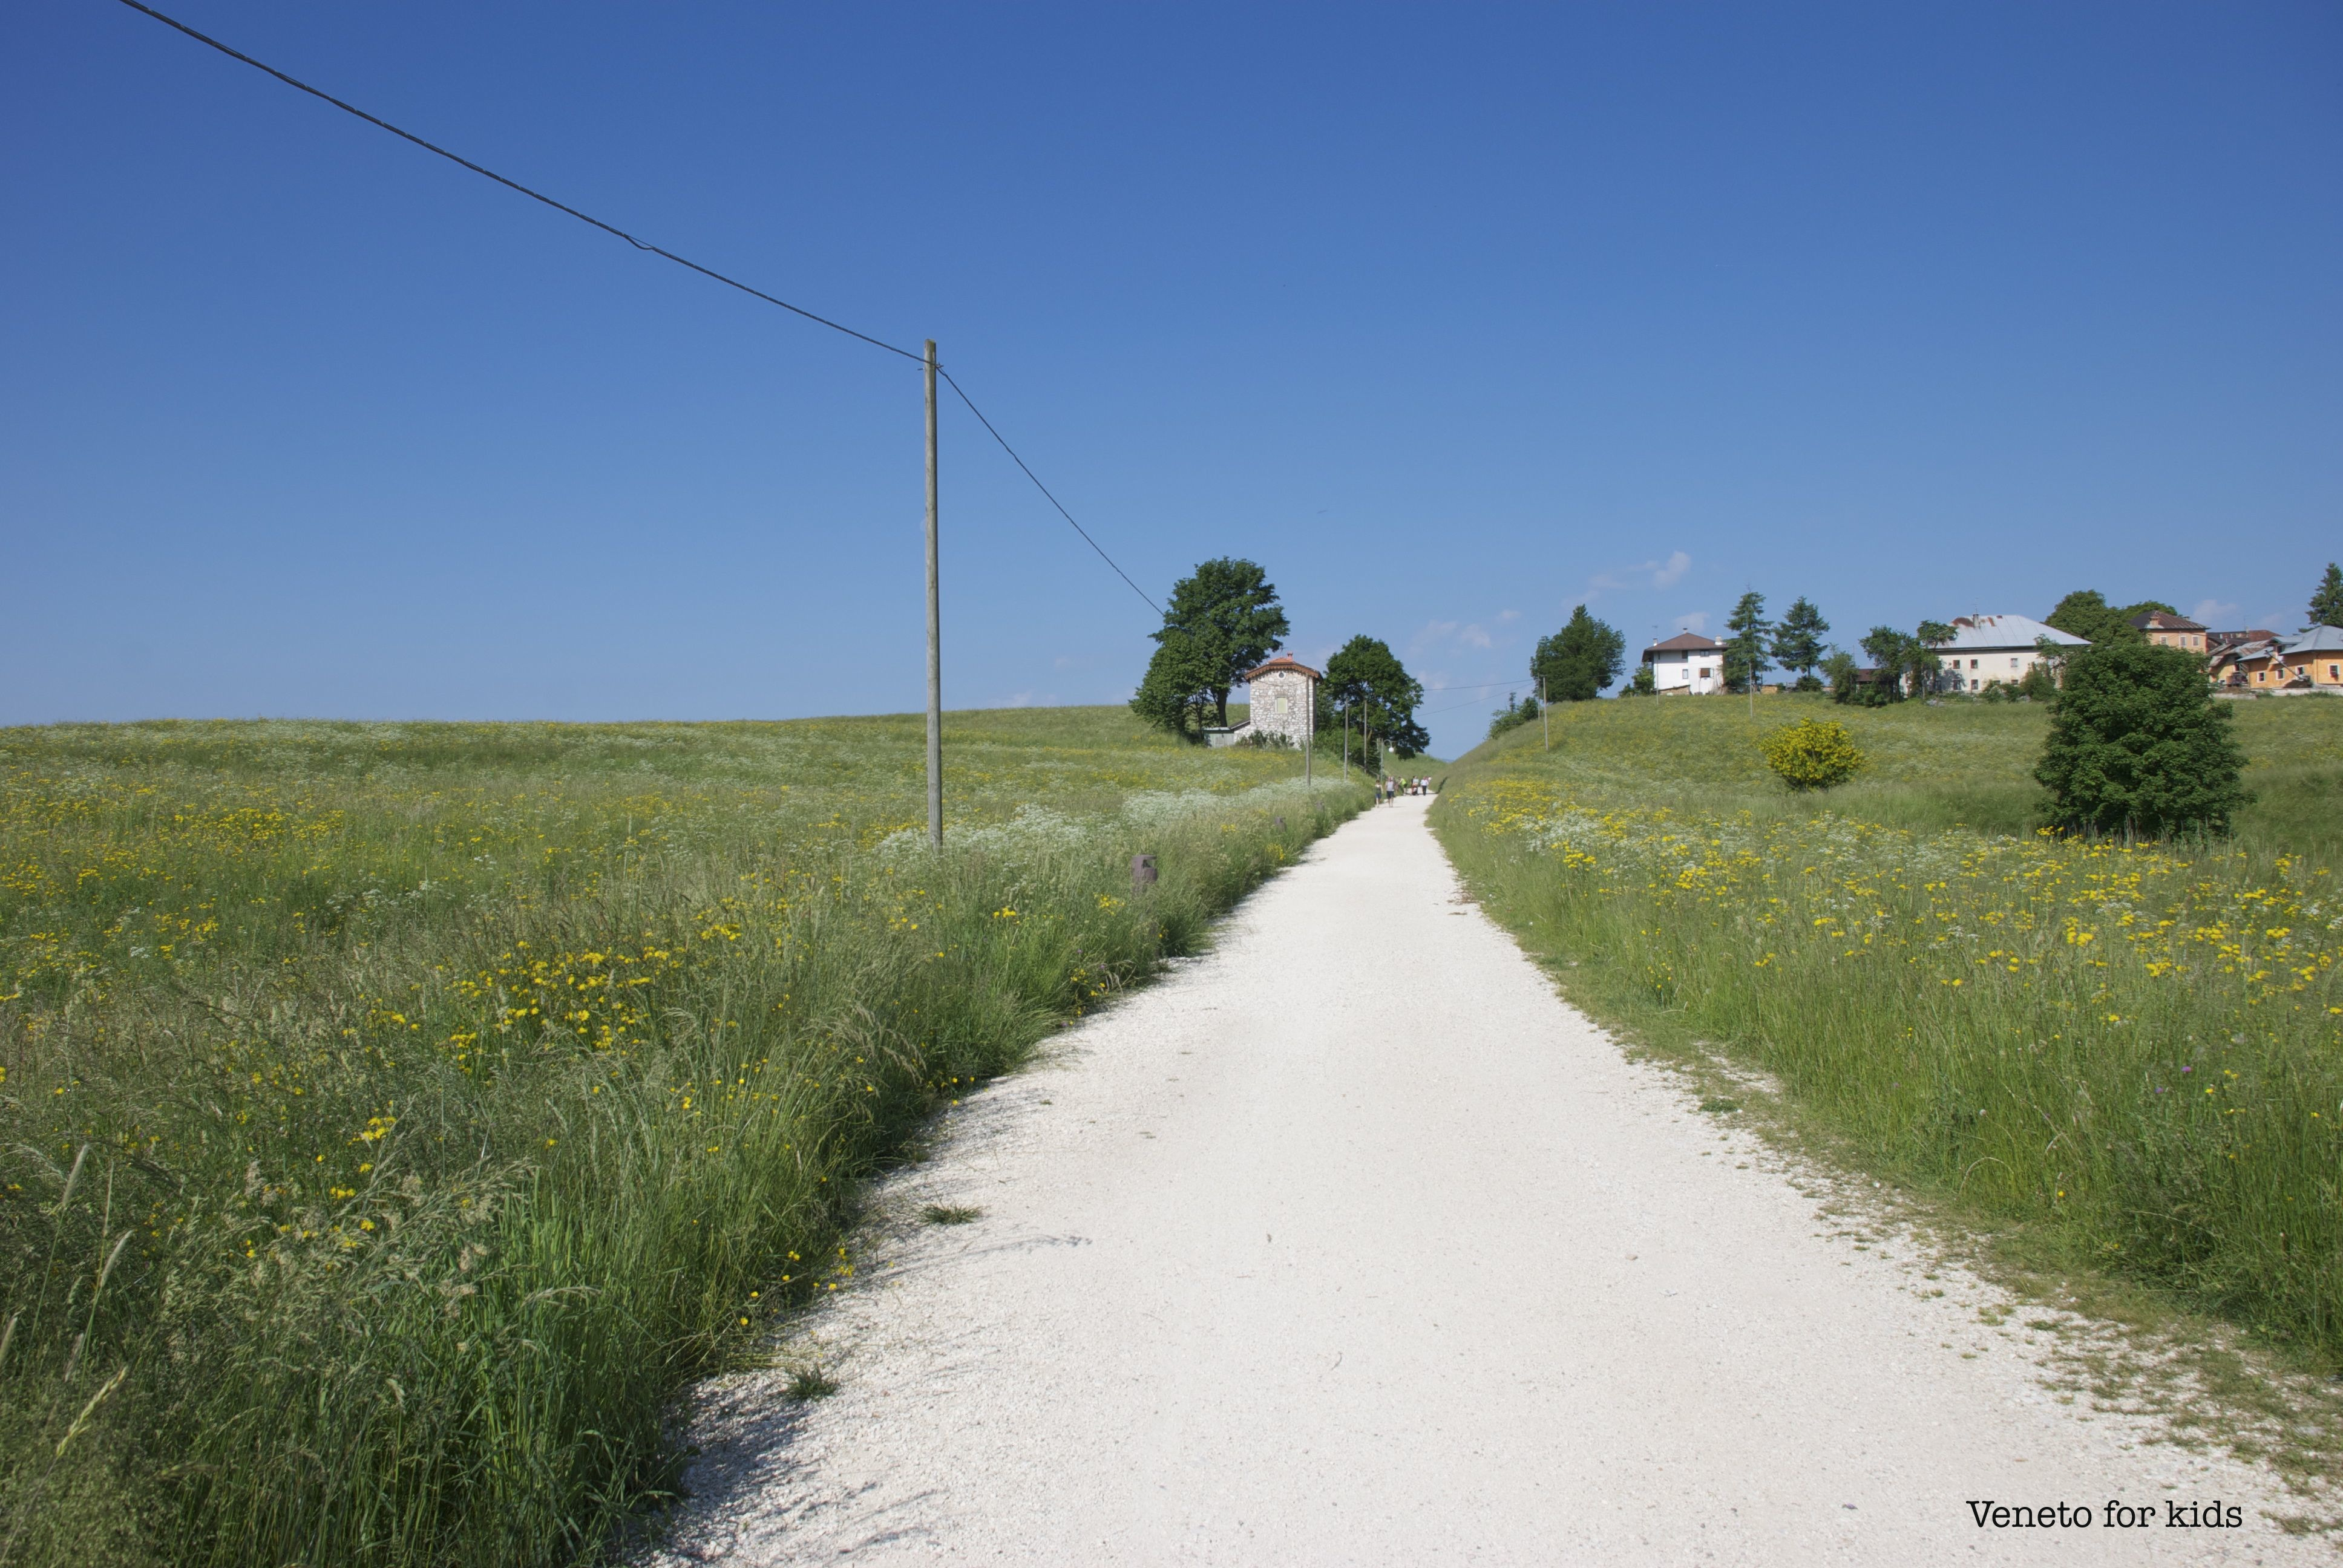 strada del vecchio trenino